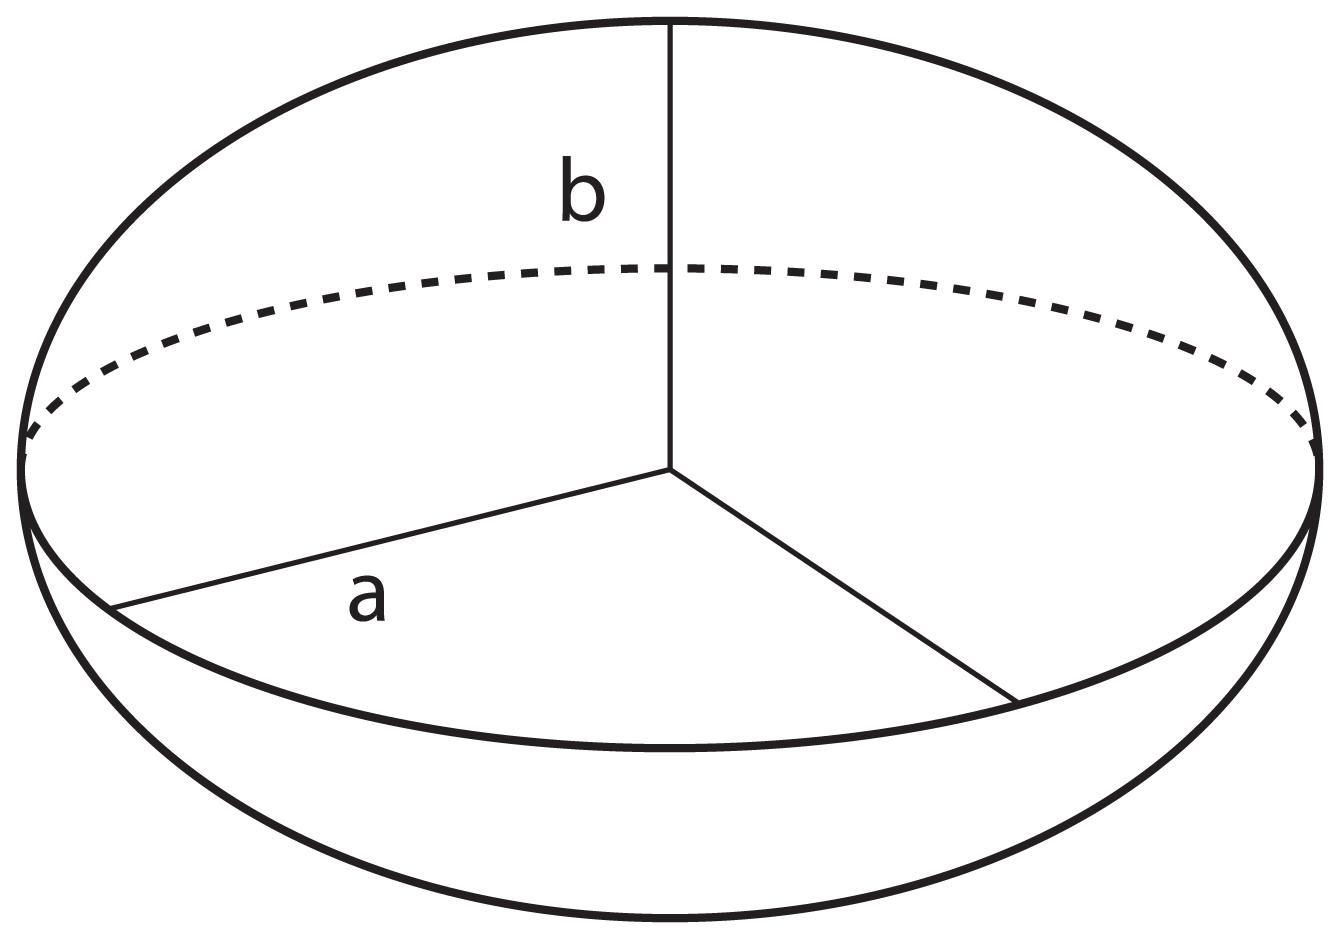 ellipsoid_icsm_gov_au_datum.jpg